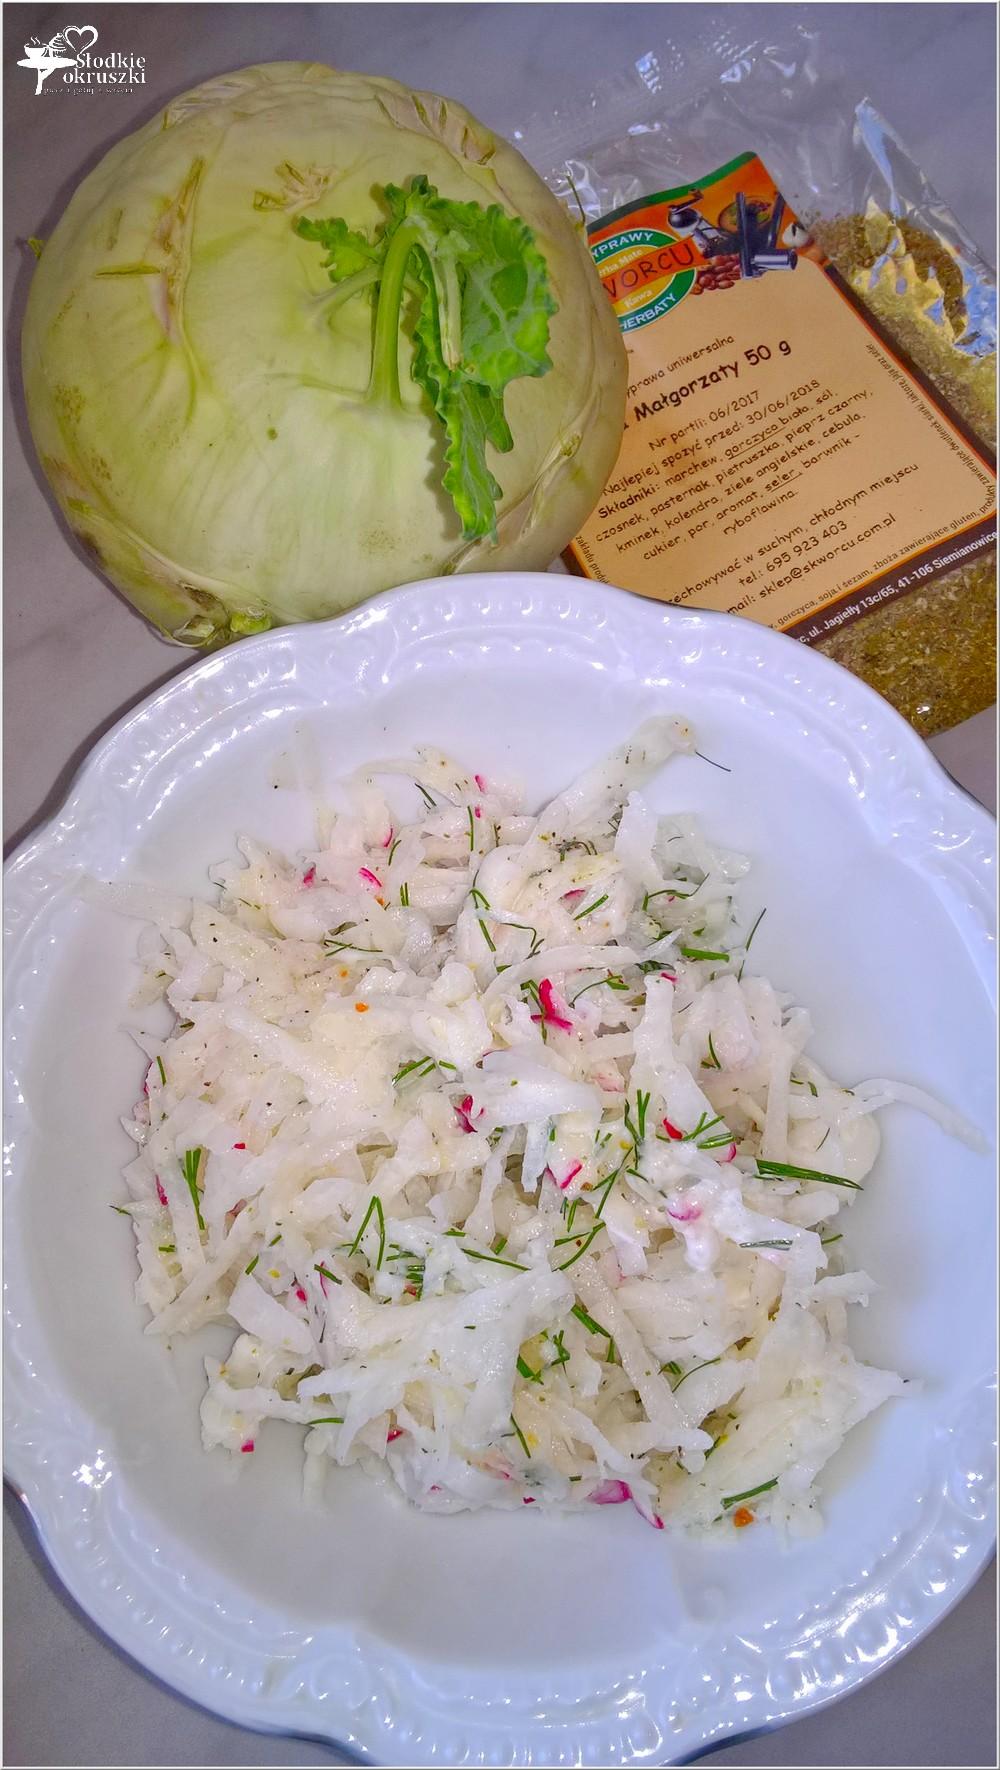 Surówka z kalarepy z rzodkiewką i ziołami (3)